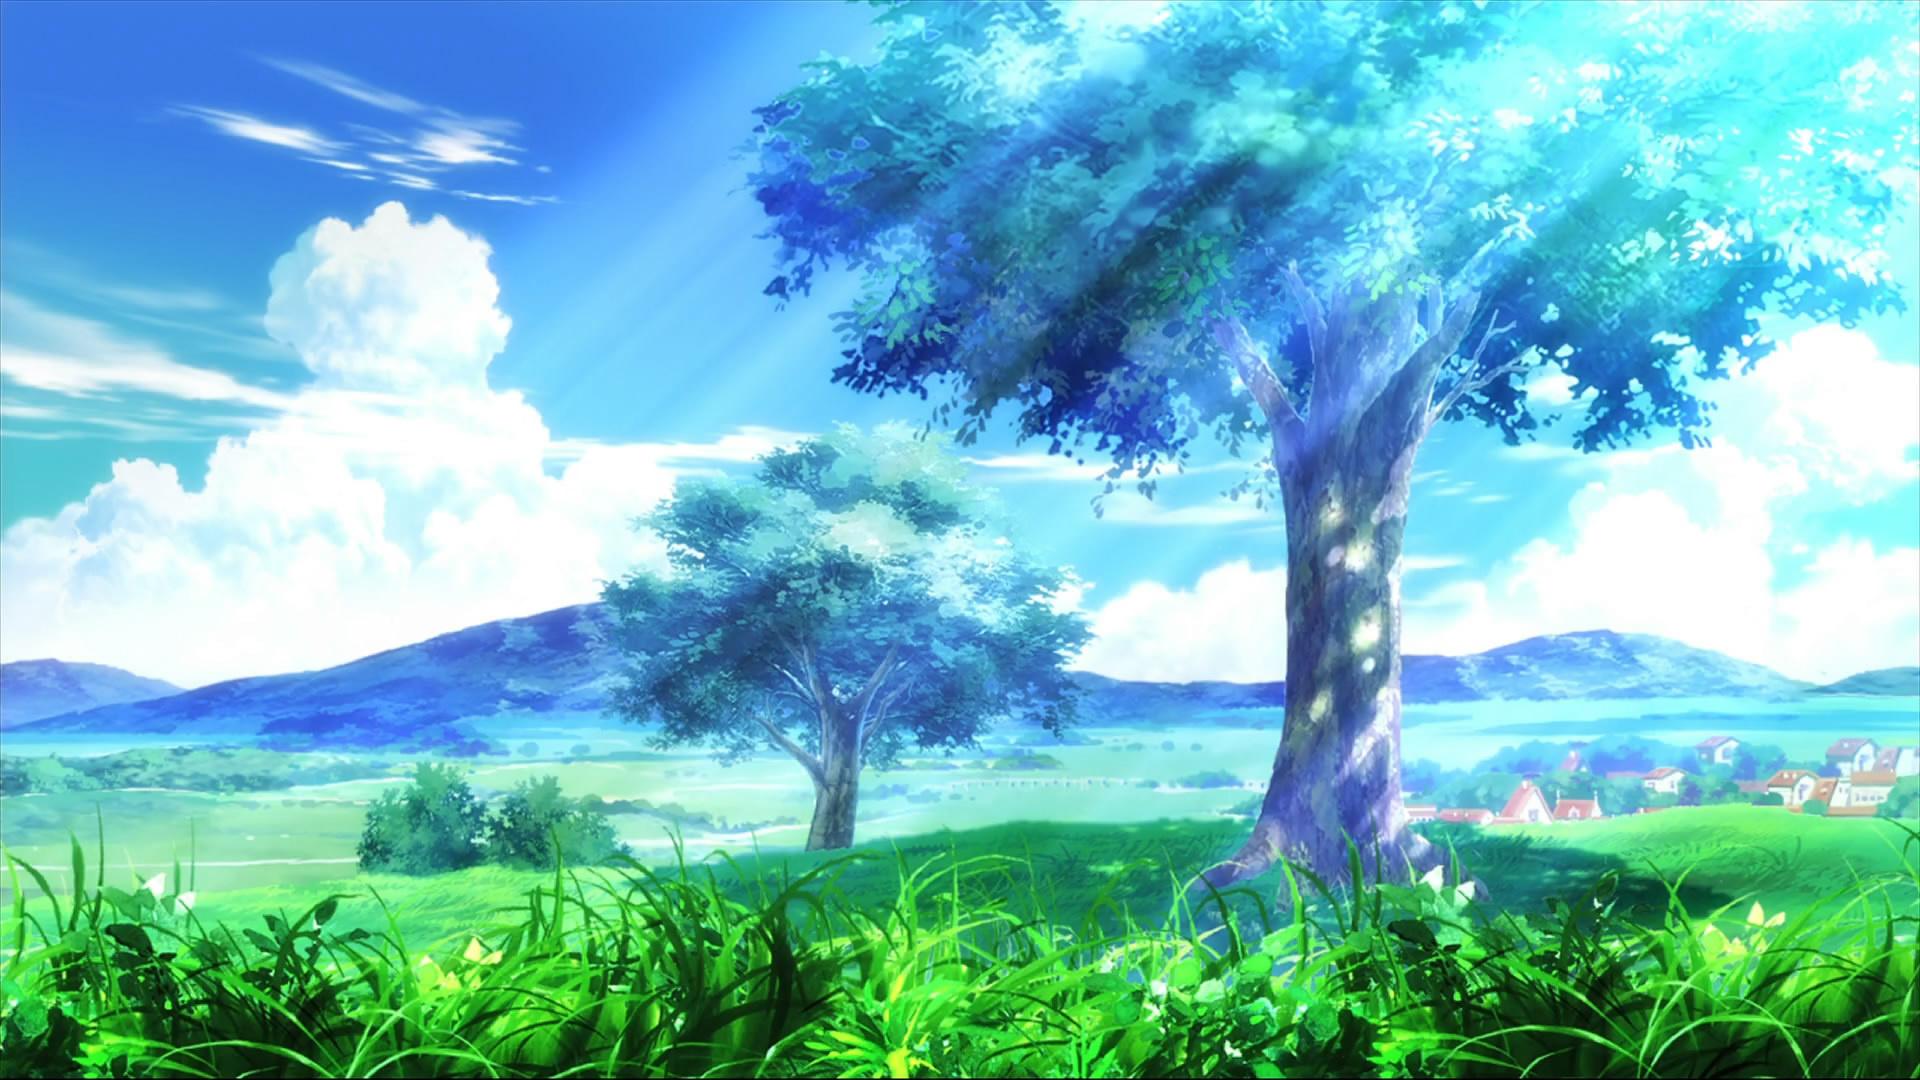 аниме, закат, цветочная поляна бесплатно